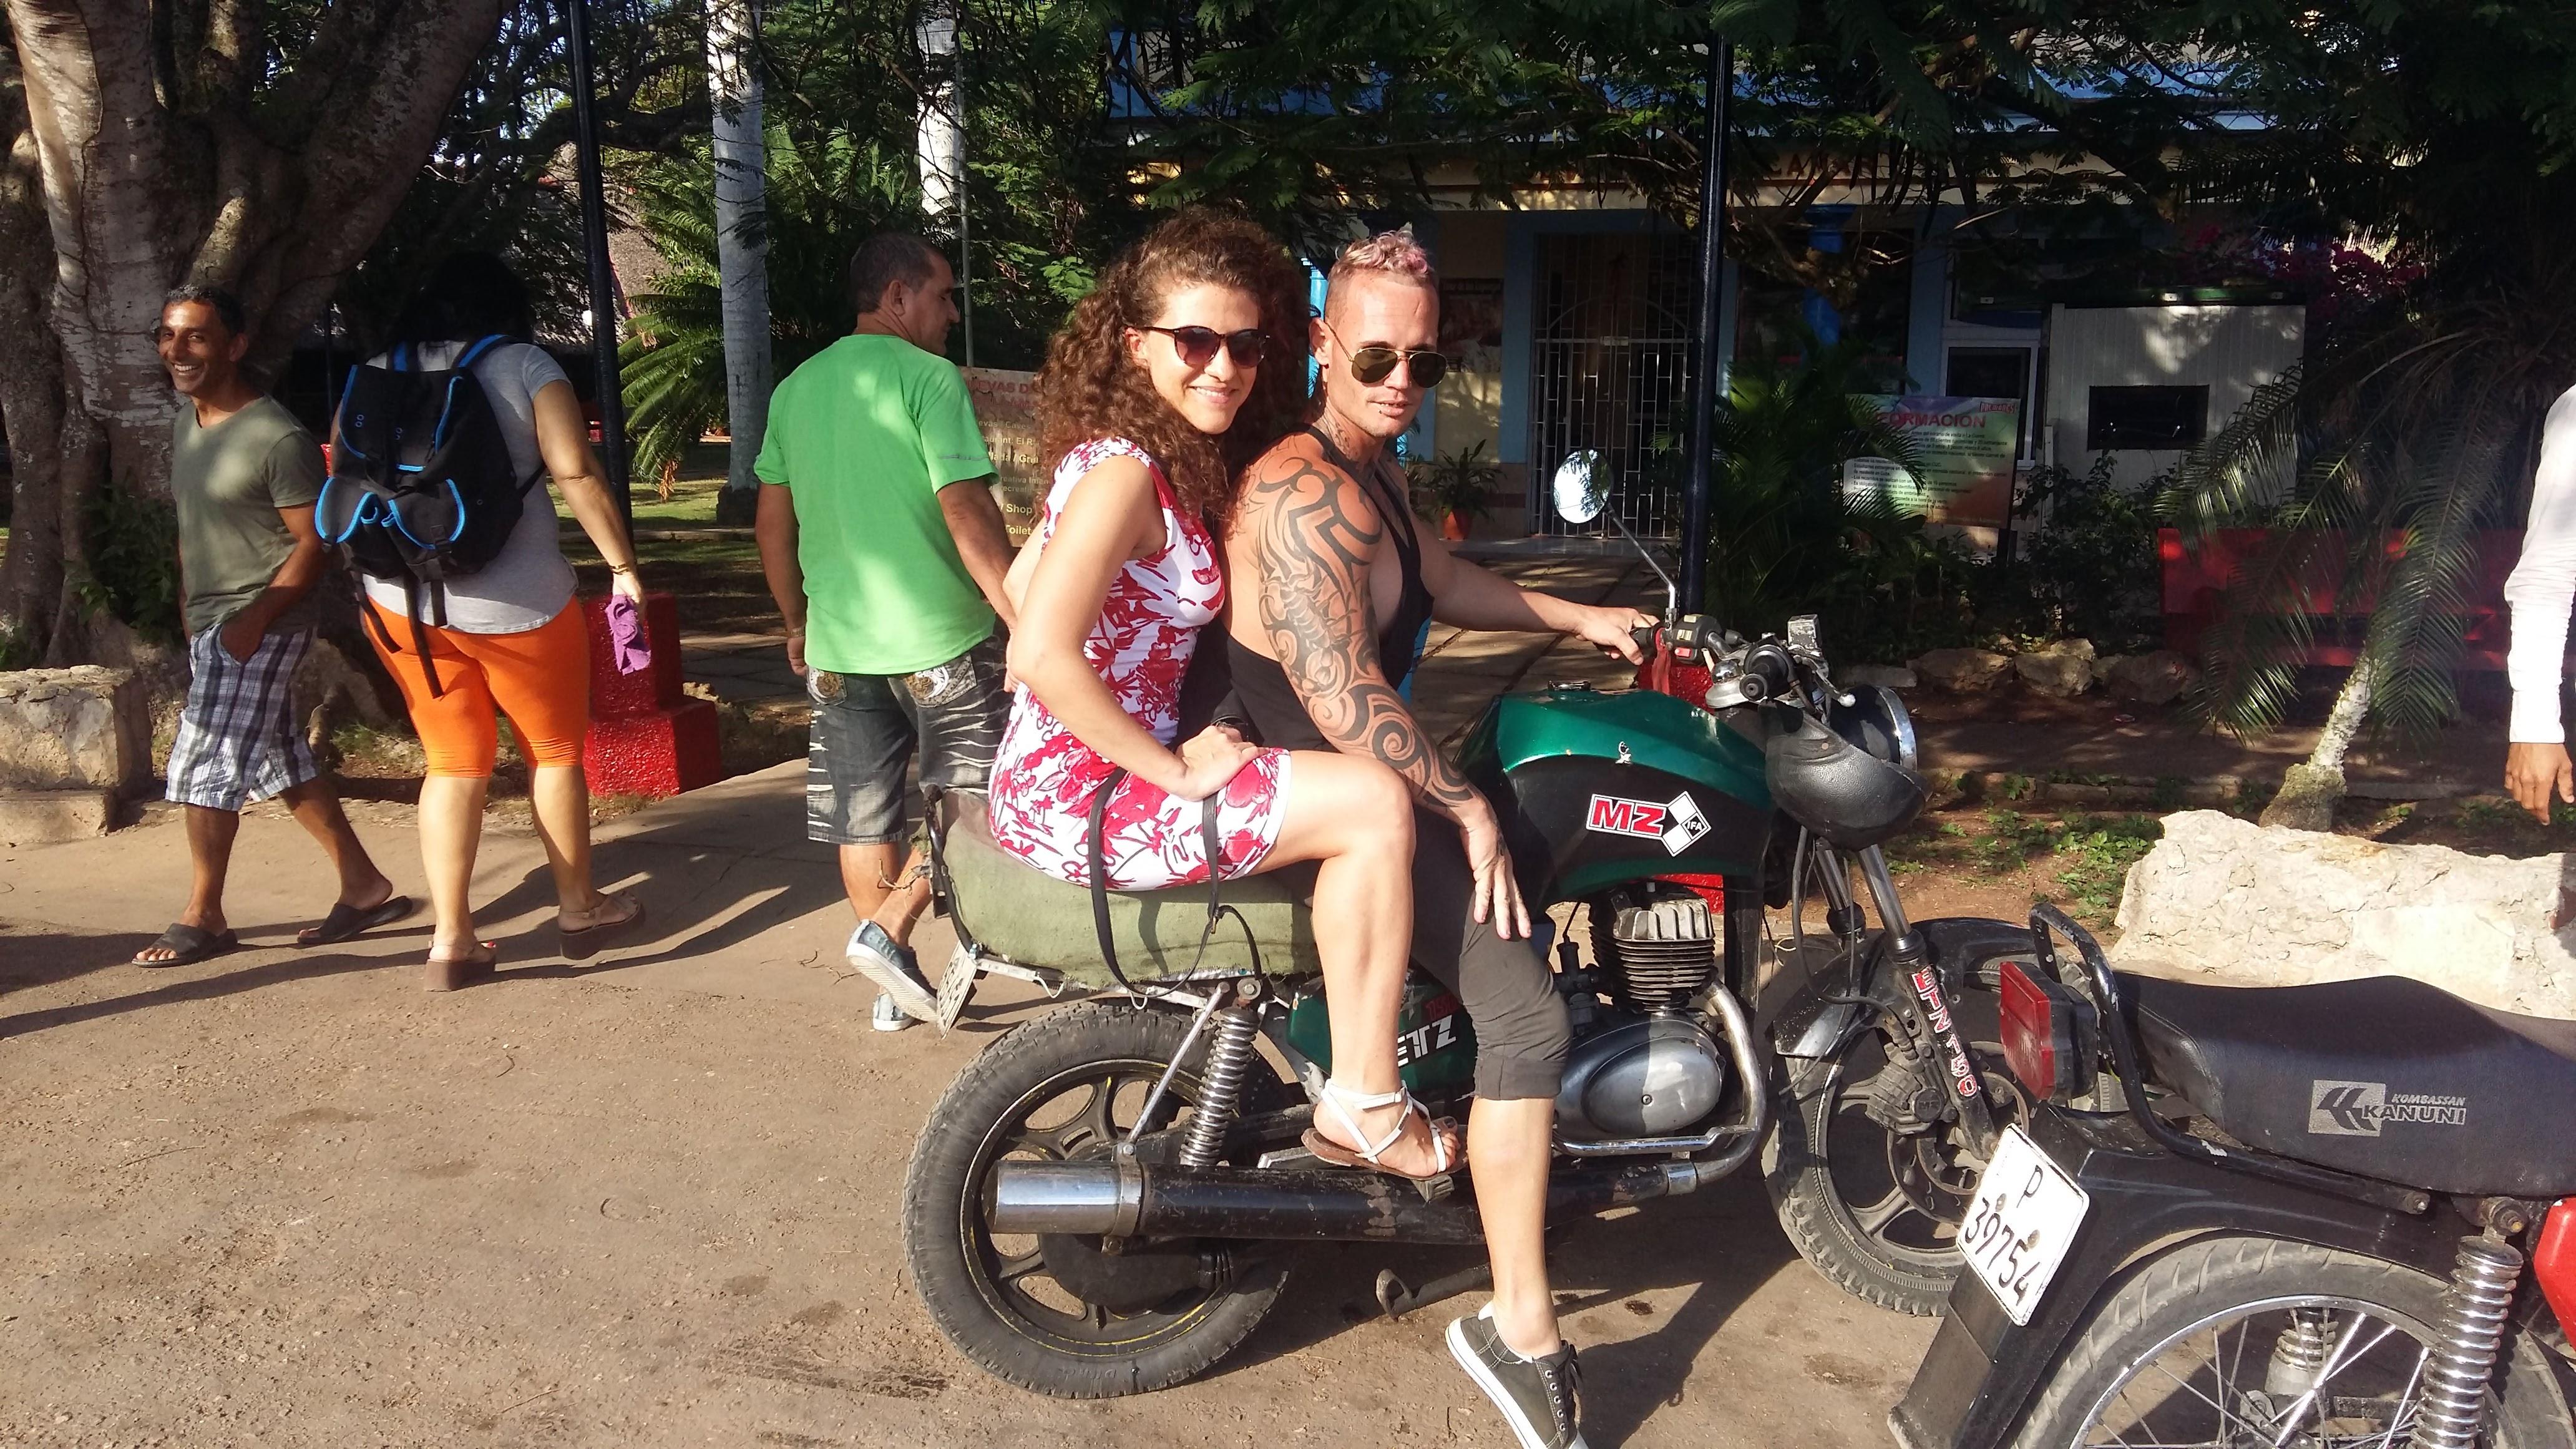 taxisti-motociclette-matanzas-cuba